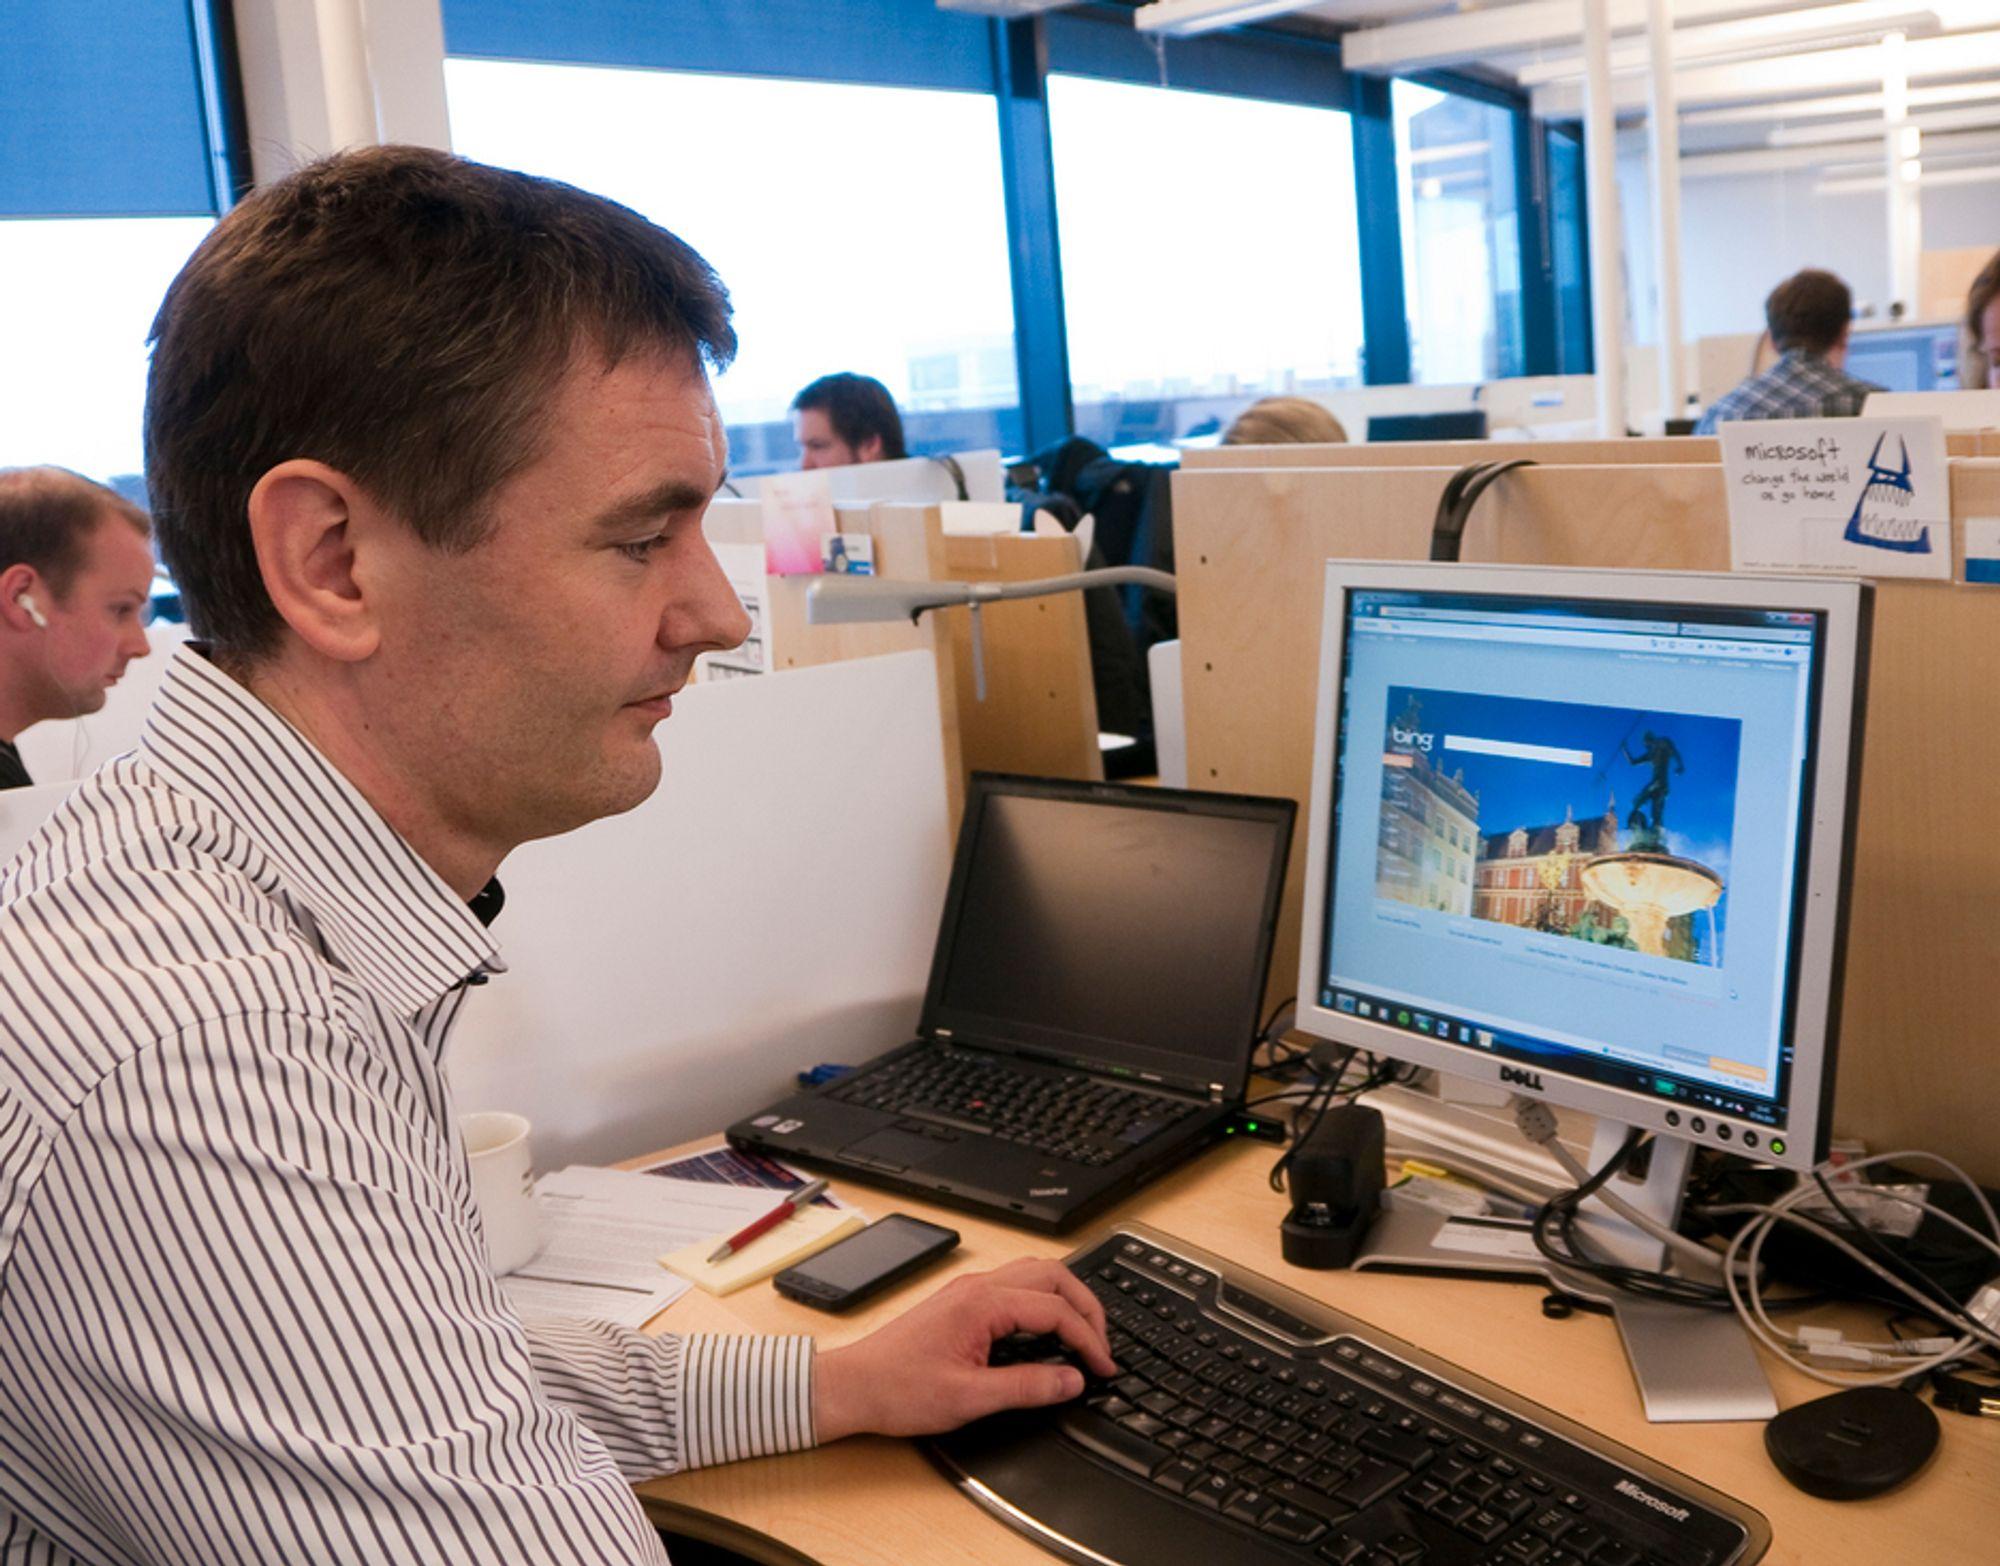 TAUS: Direktør Arne Uppheim i MSN Norge vil ikke si når Bing lanseres med full funksjonalitet i Norge, men tror søketjenesten vil ta markedsandeler når det skjer.